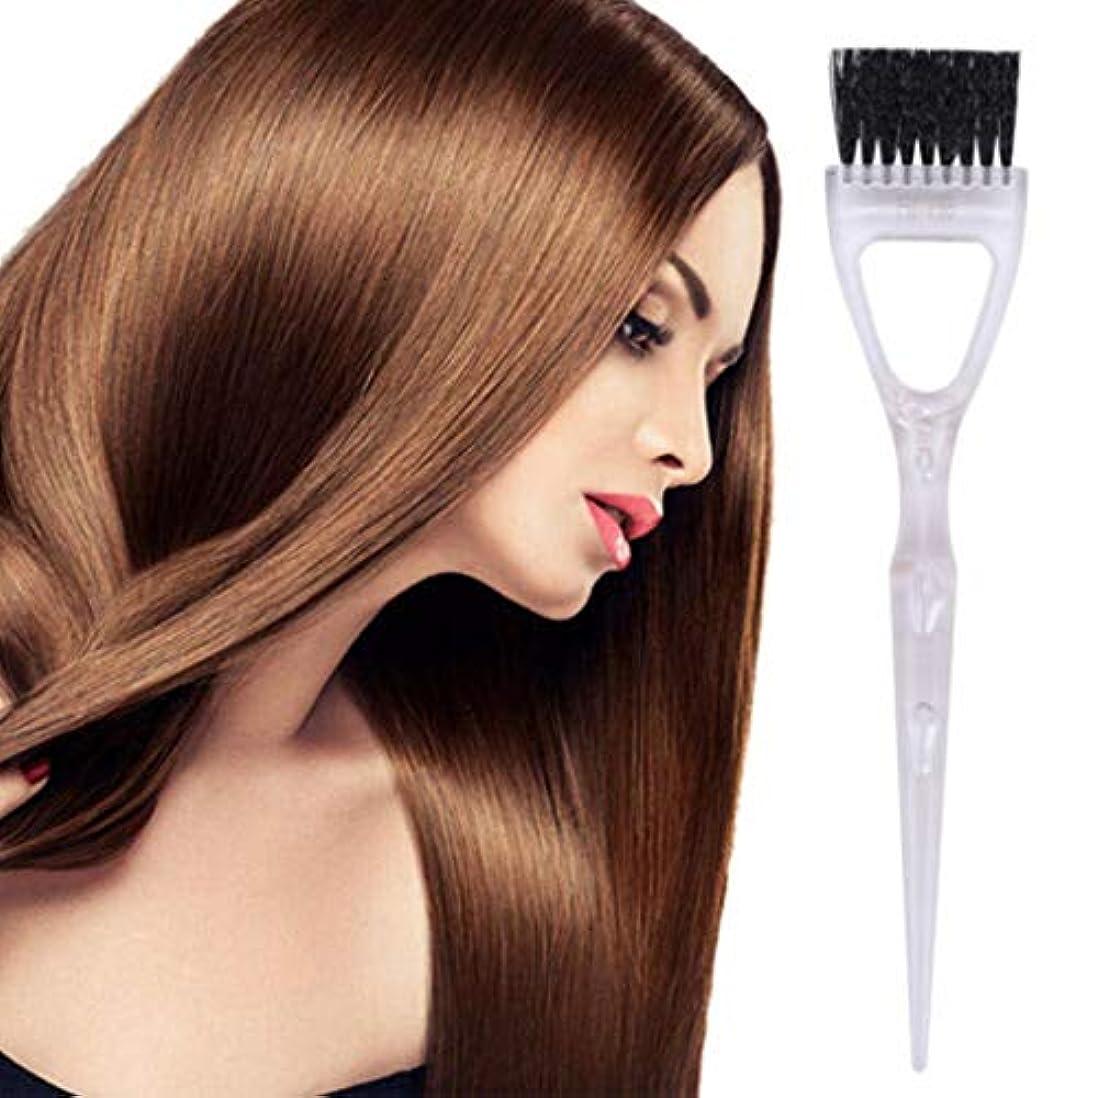 く強大なゲーム染毛ブラシヘアブラシサロンコームヘアカラーブラシ染めトーンツールキット、カラーケアの染毛ケラチン